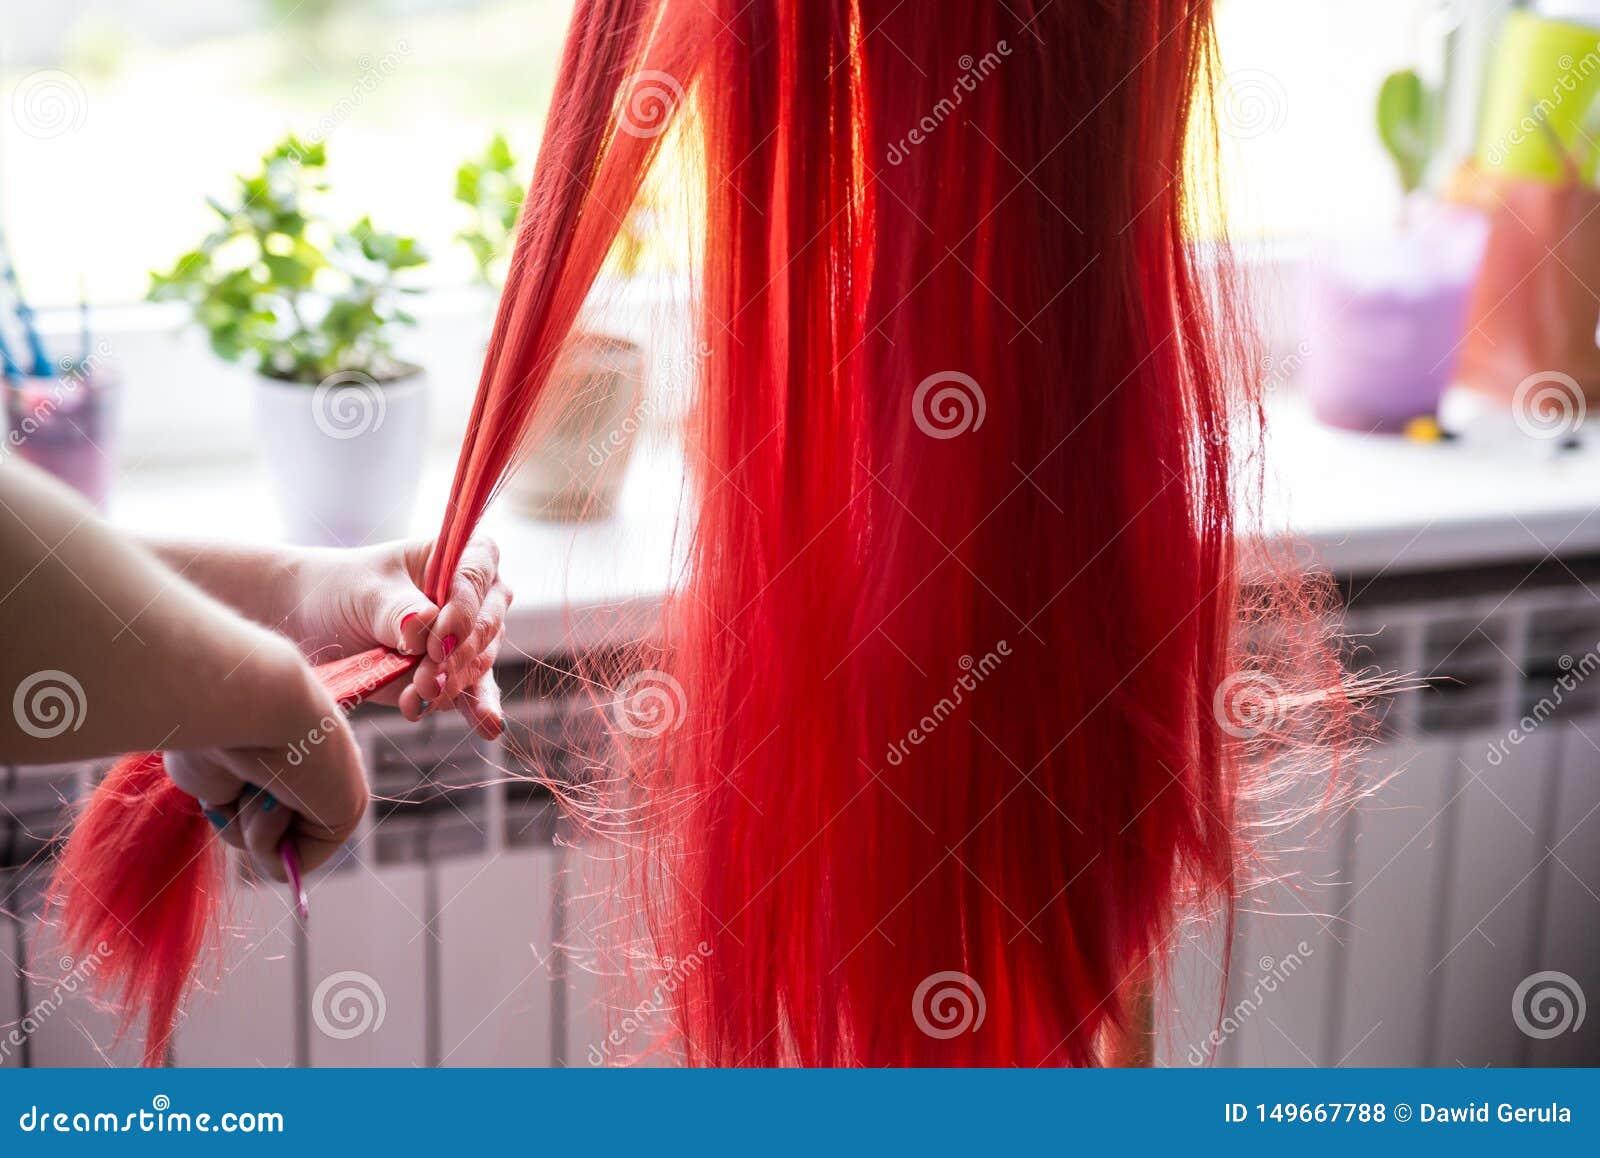 精美地梳红色头发,在立场的杂乱假发的妇女的手